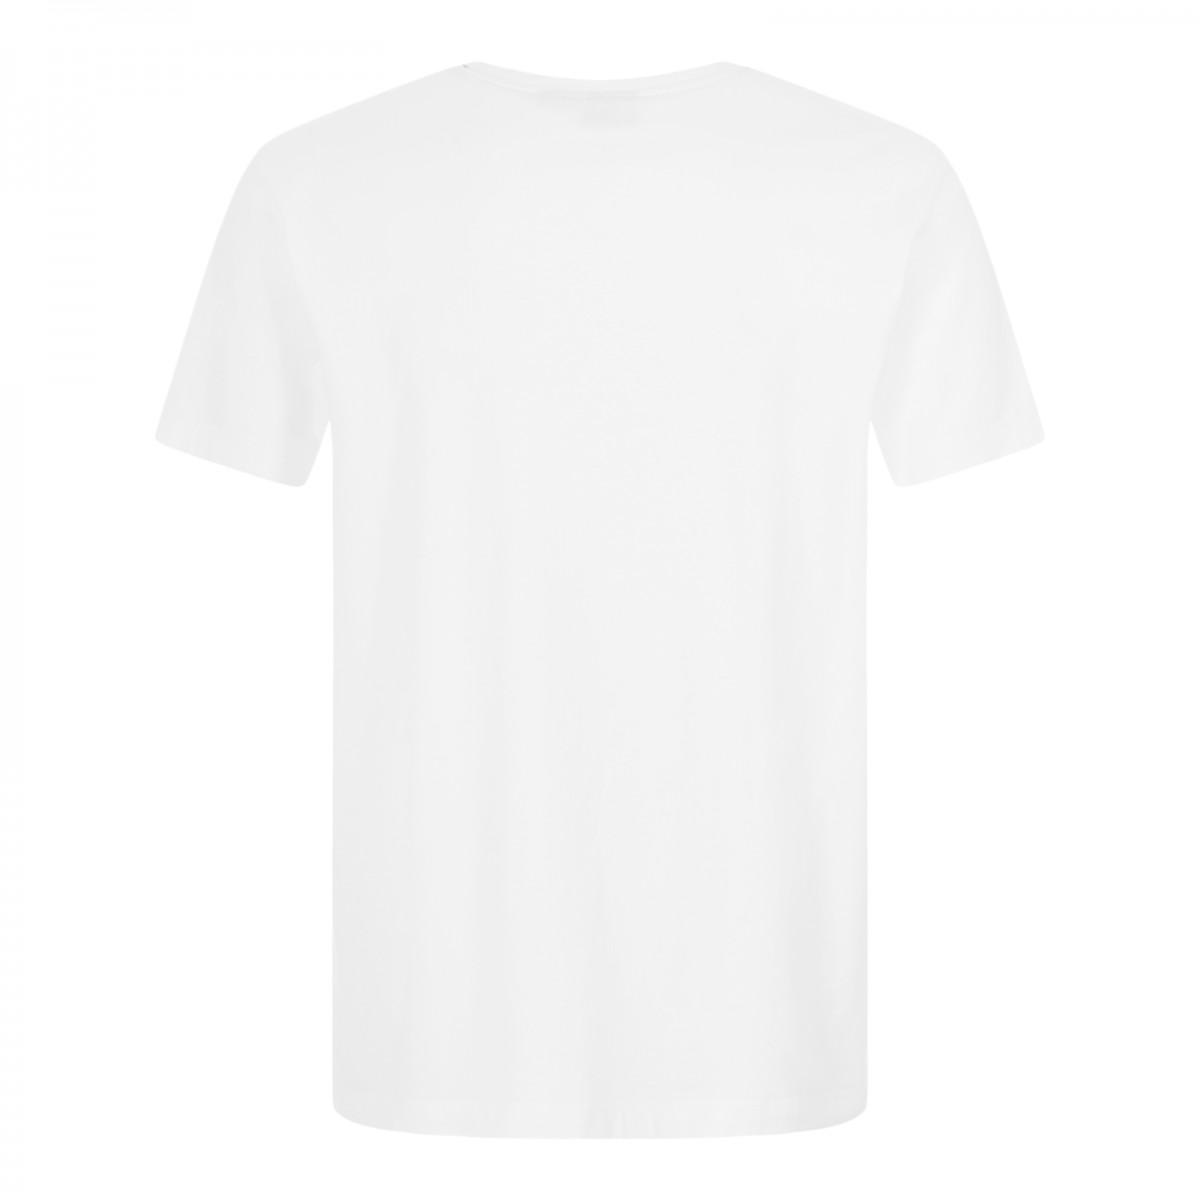 Koszulka MERC LONDON TORCROSS biała